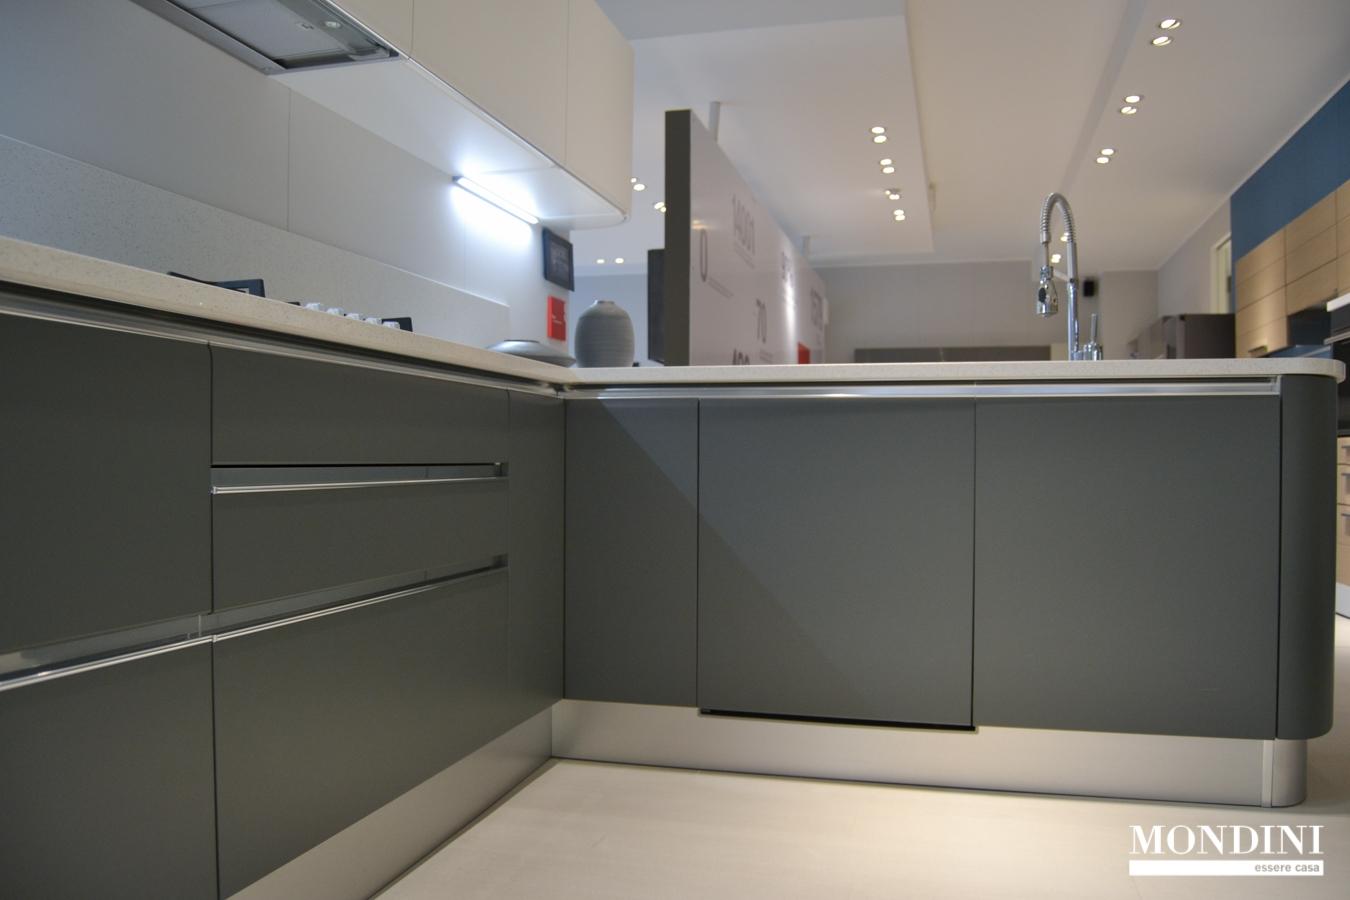 Cucine piccole con lavastoviglie : cucine acciaio roma. cucine ...